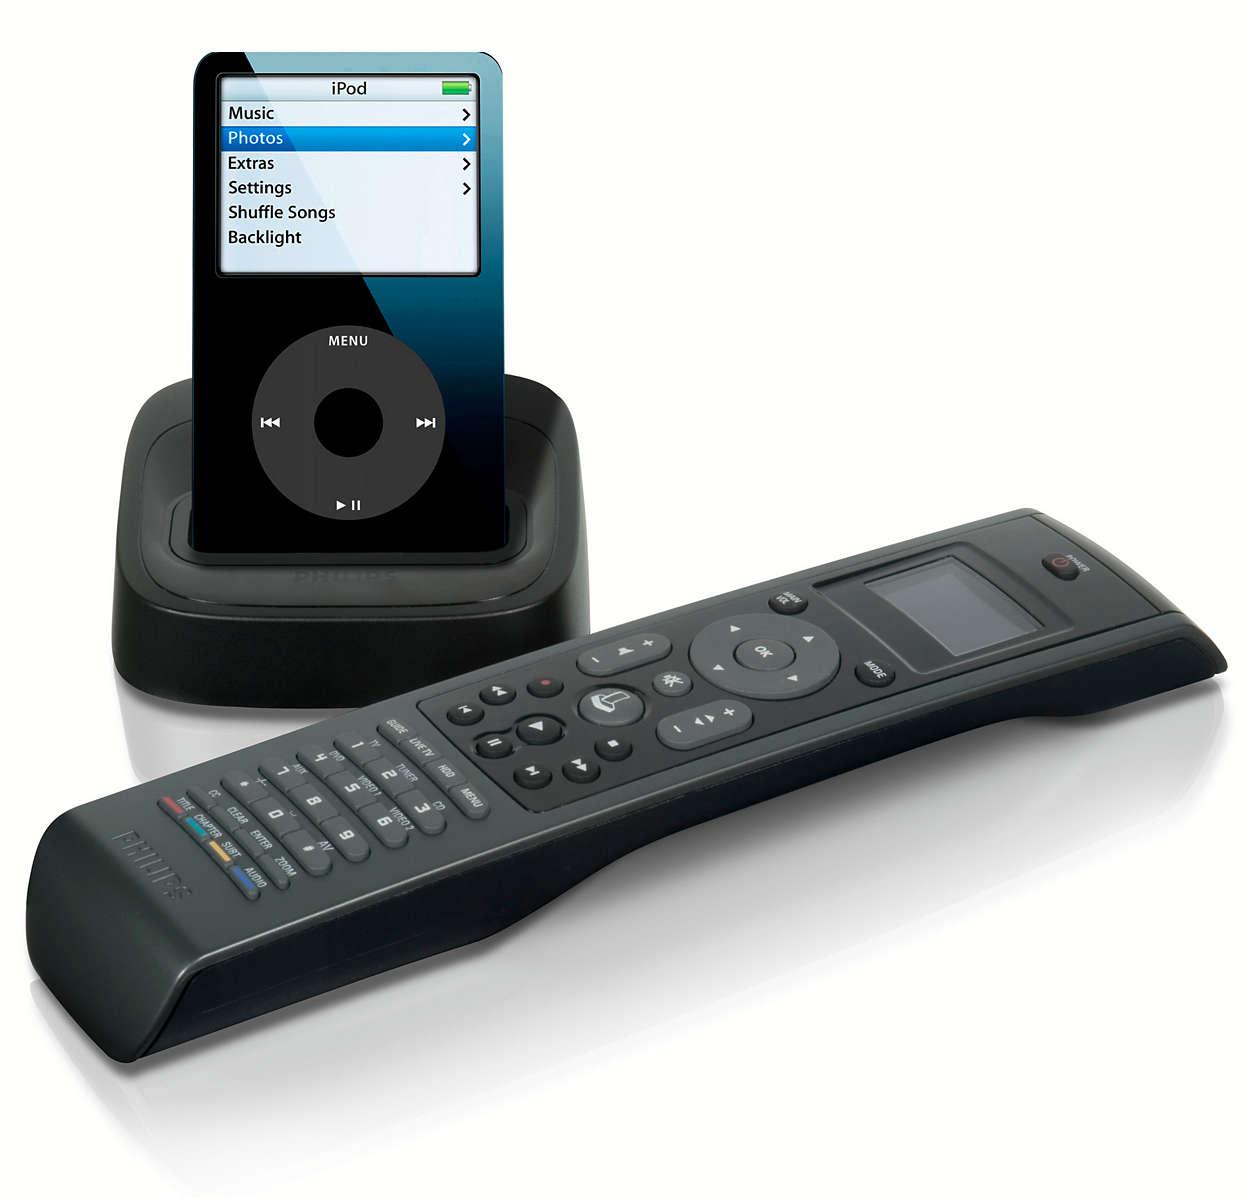 Δείτε το iPod στο τηλεχειριστήριο